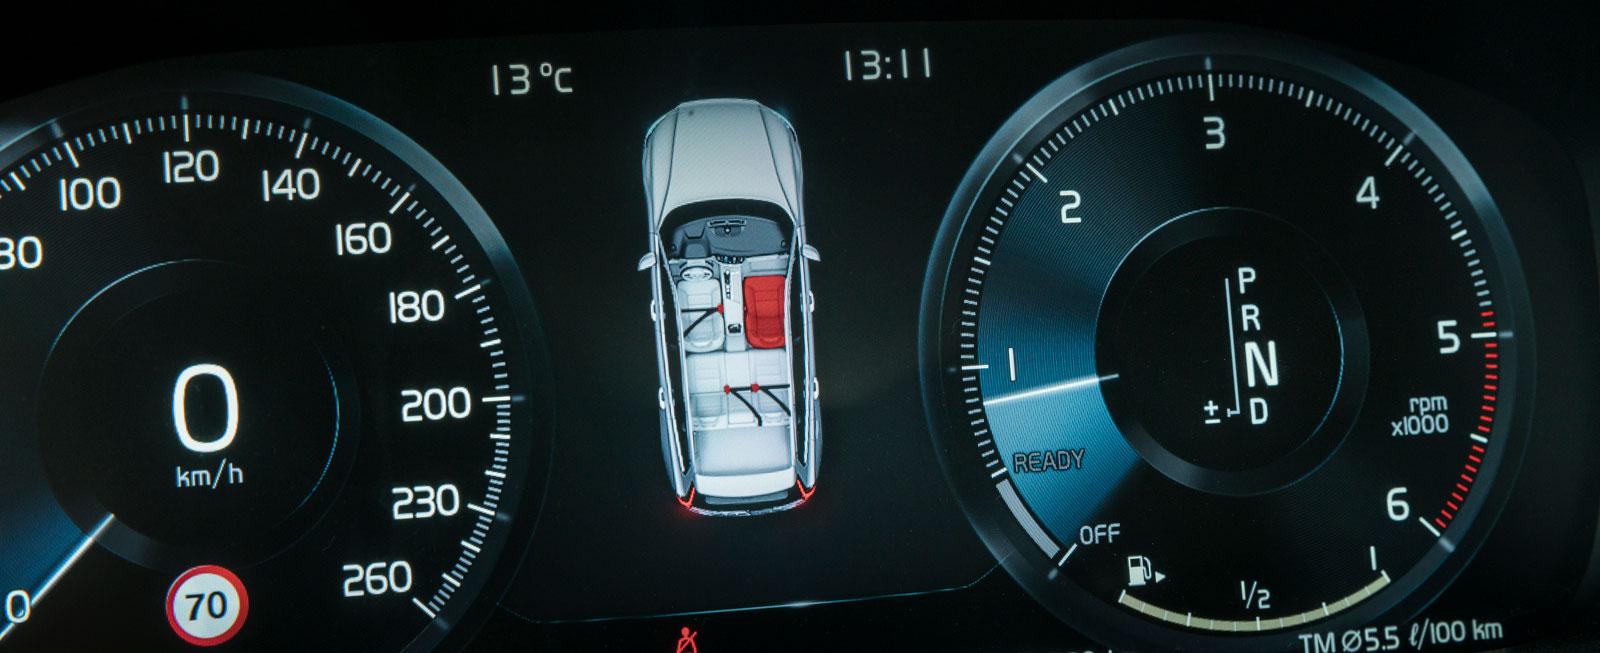 I Volvo kan man knappast ta fel på hur bältessituationen ser ut.